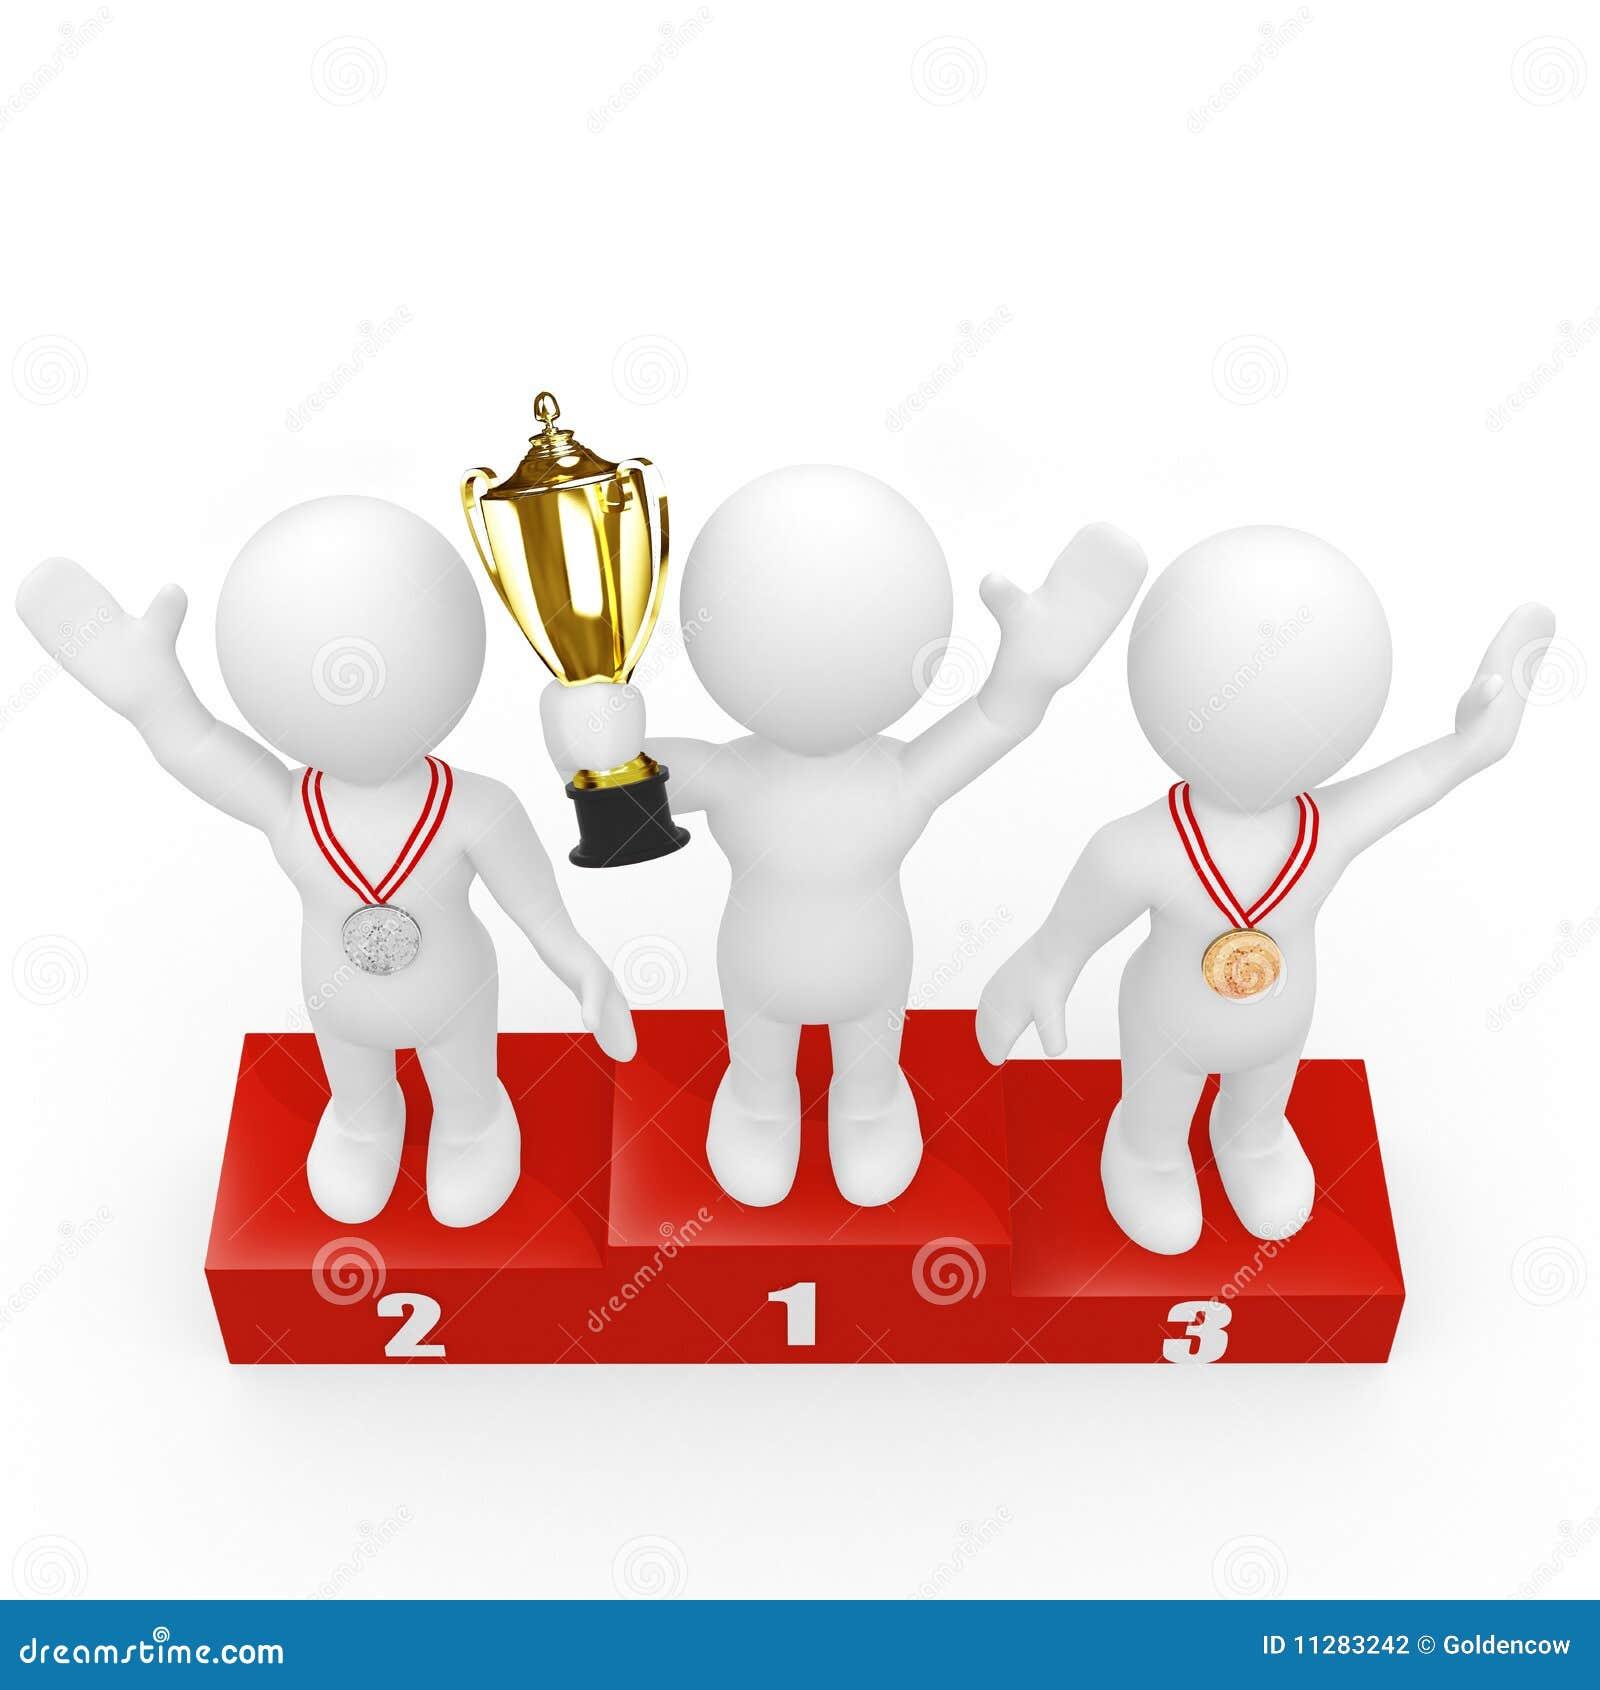 Seres Humanos 3d Que Se Colocan En El Podium De Los Ganadores Stock